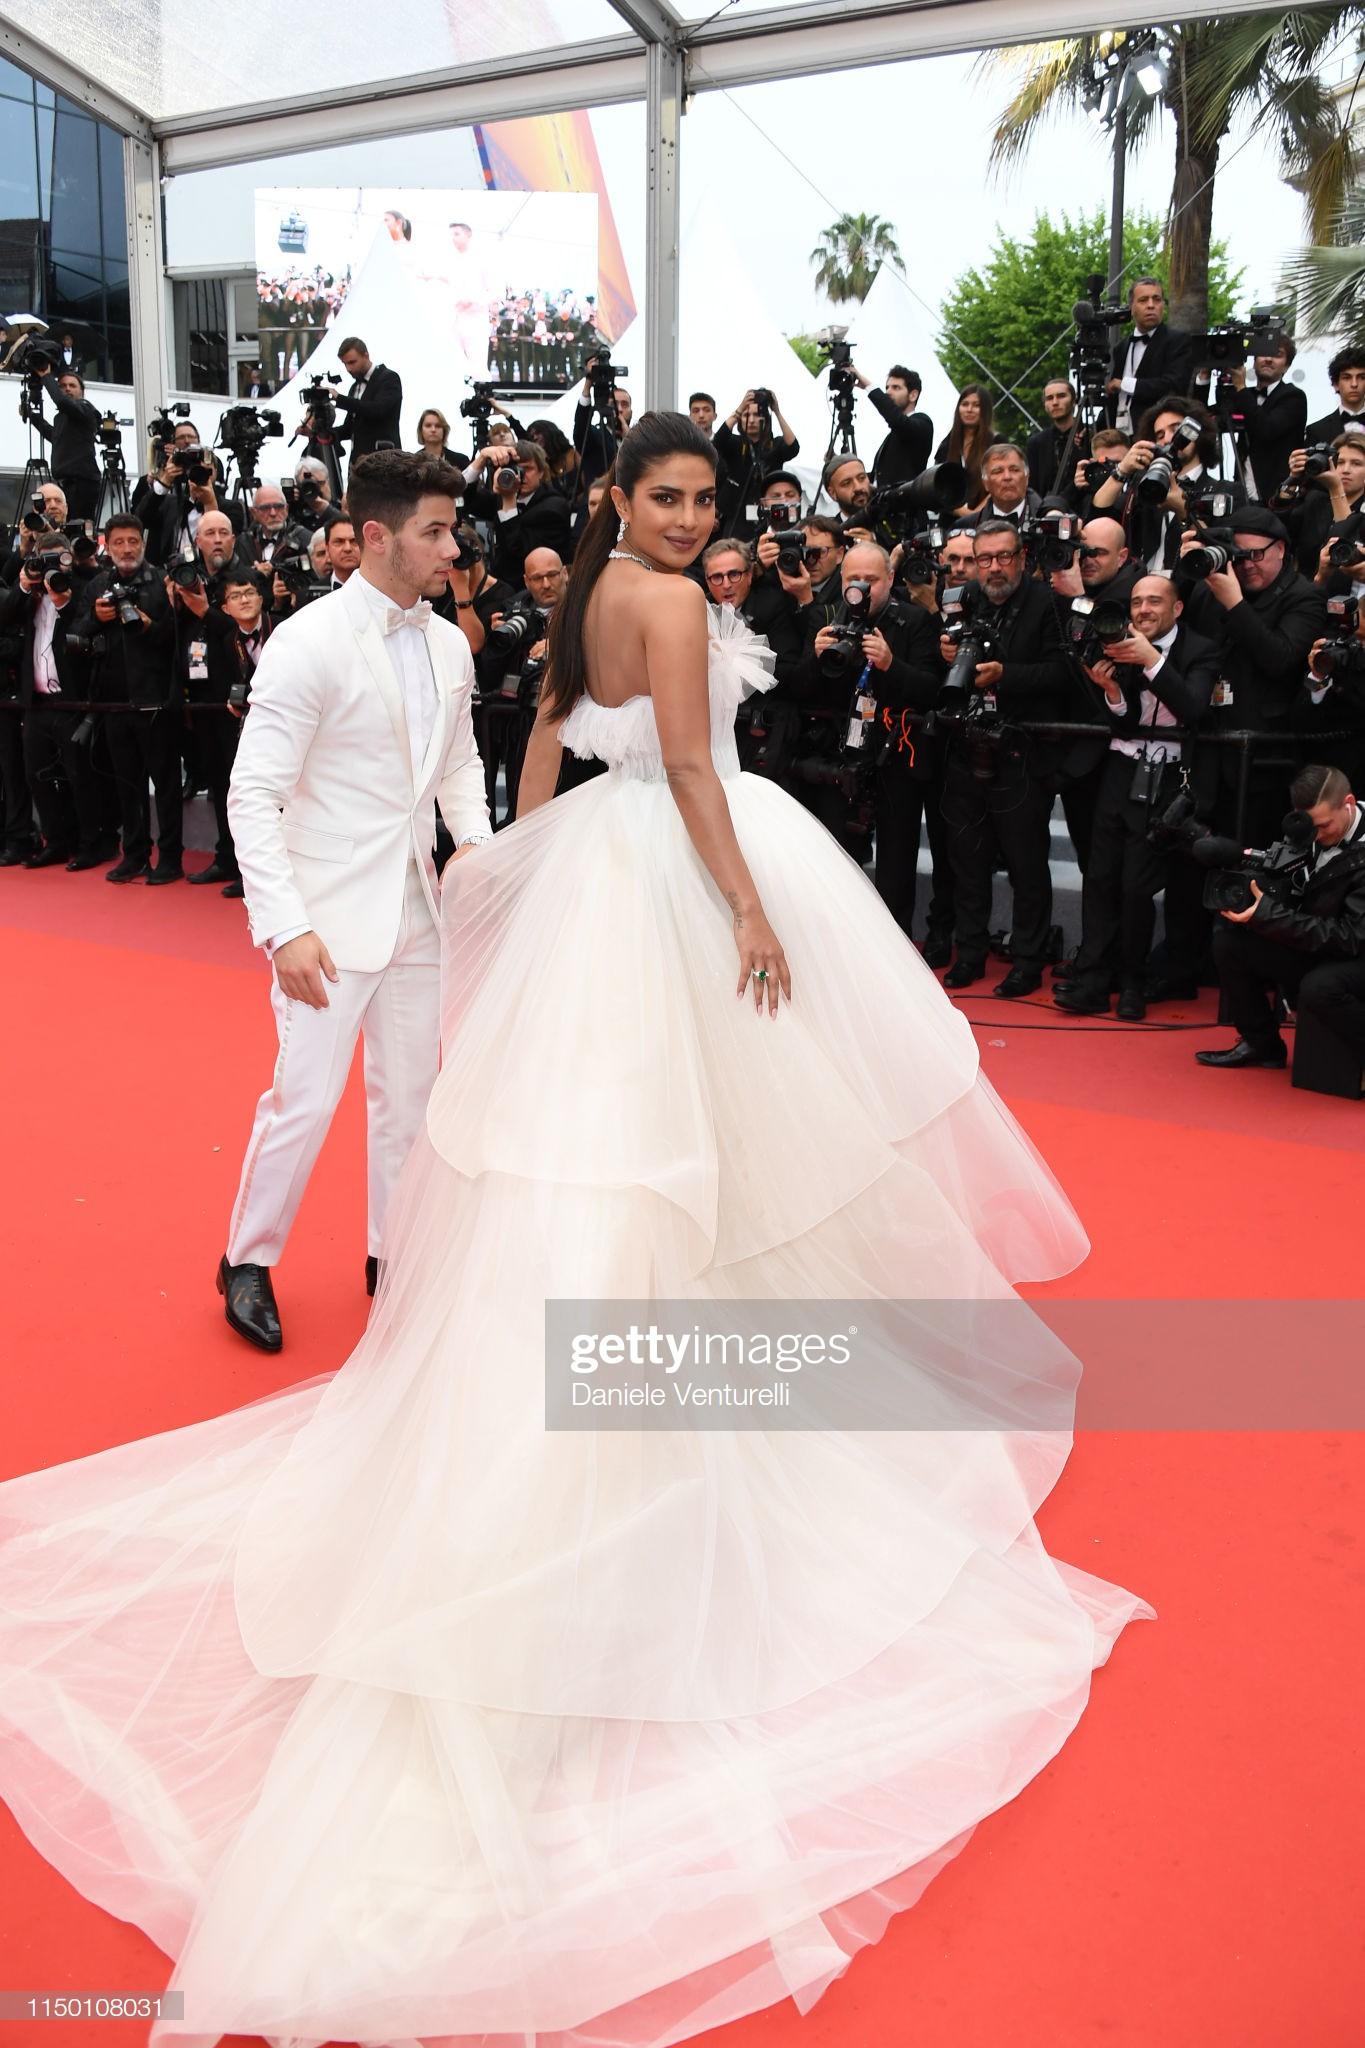 Thảm đỏ Cannes nhường spotlight cho Nick Jonas cung phụng Hoa hậu, Sui He gây sốc như không mặc gì - Ảnh 3.